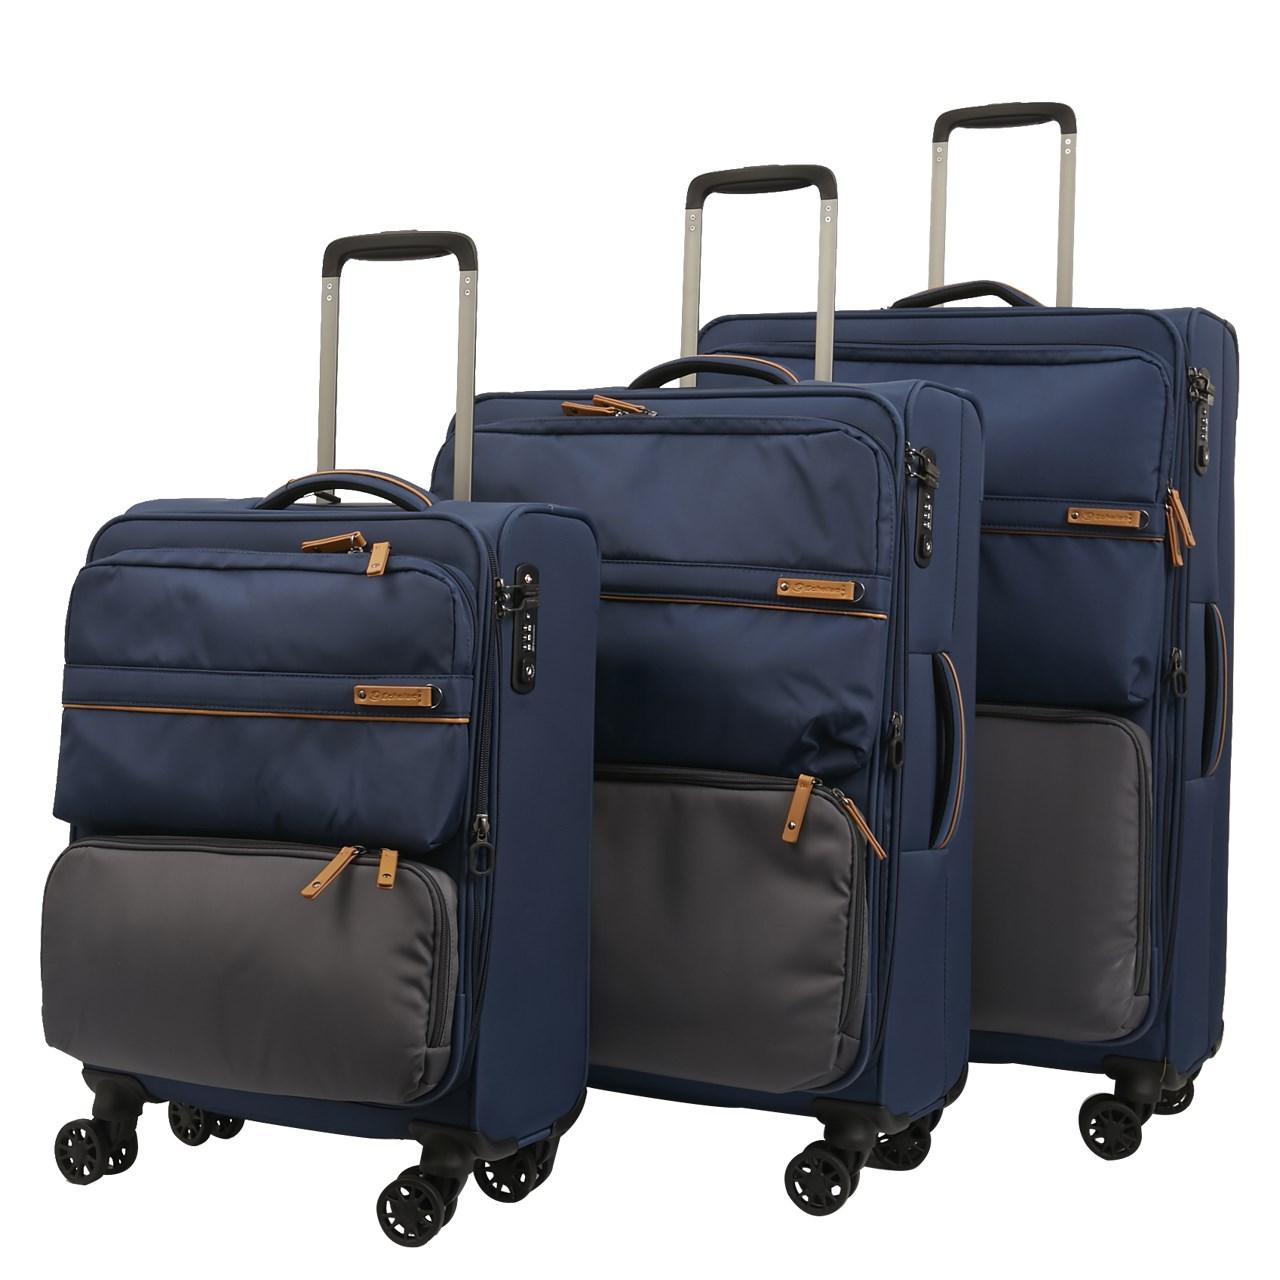 مجموعه سه عددی چمدان اکولاک مدل لورنزو